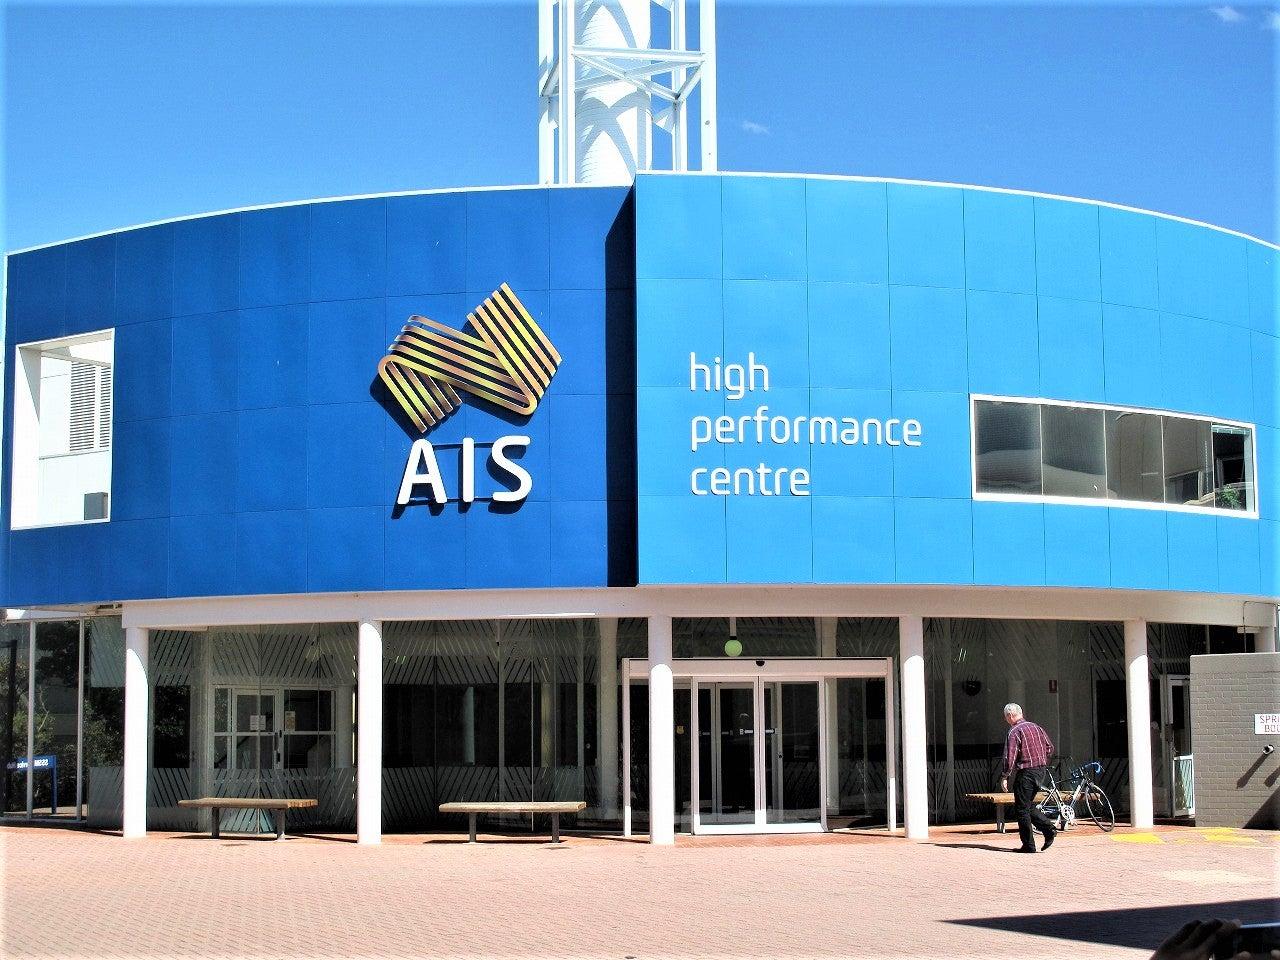 オーストラリア国立スポーツ研究所